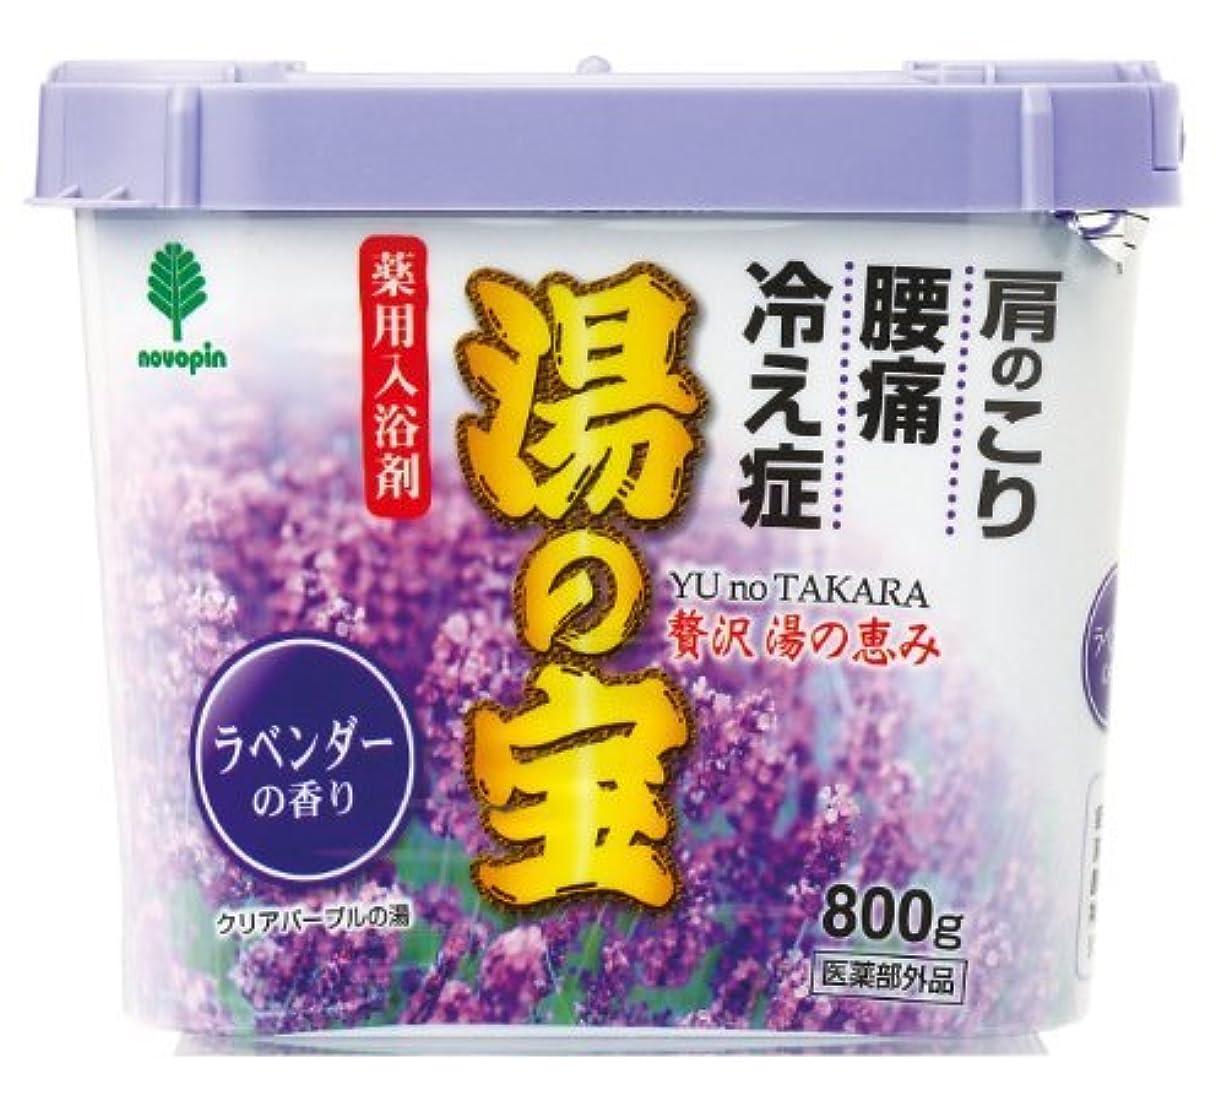 ギャング定数彼ら紀陽除虫菊 湯の宝 ラベンダーの香り 800g【まとめ買い16個セット】 N-0057